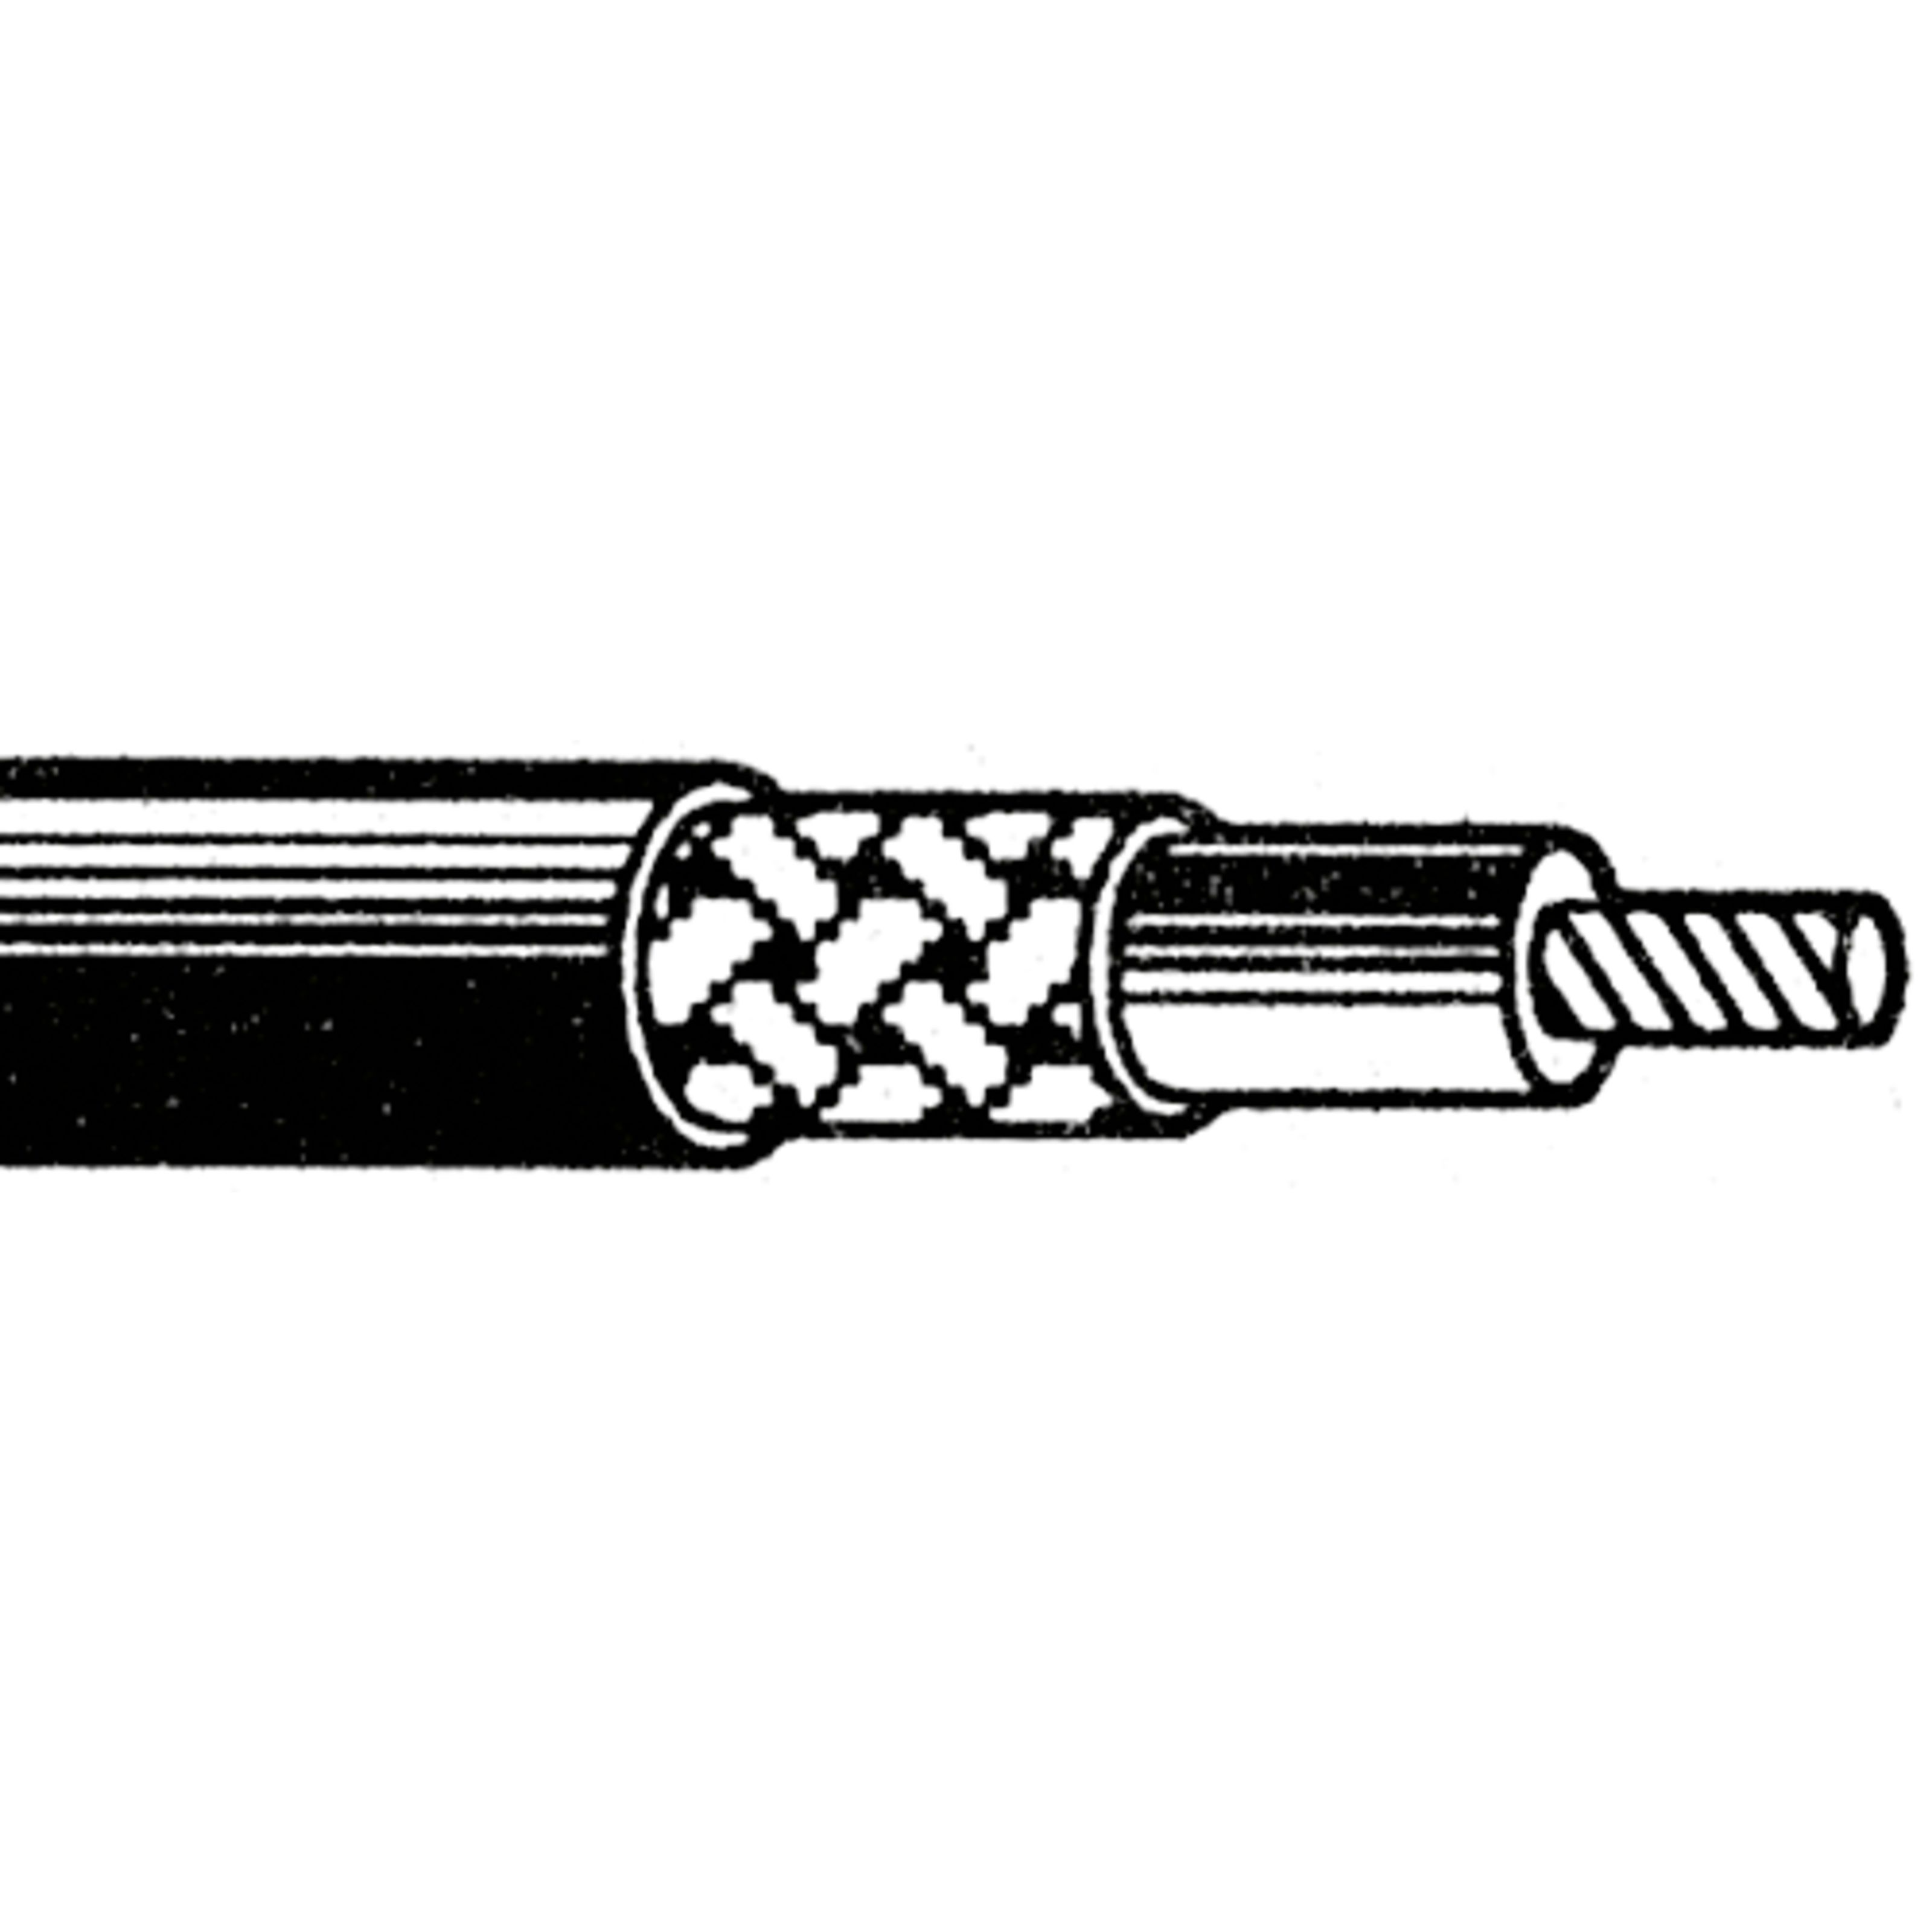 Göldo - Kabel koxial abgeschirmt 1 adrig, 1 Meter, schwarz EL90X